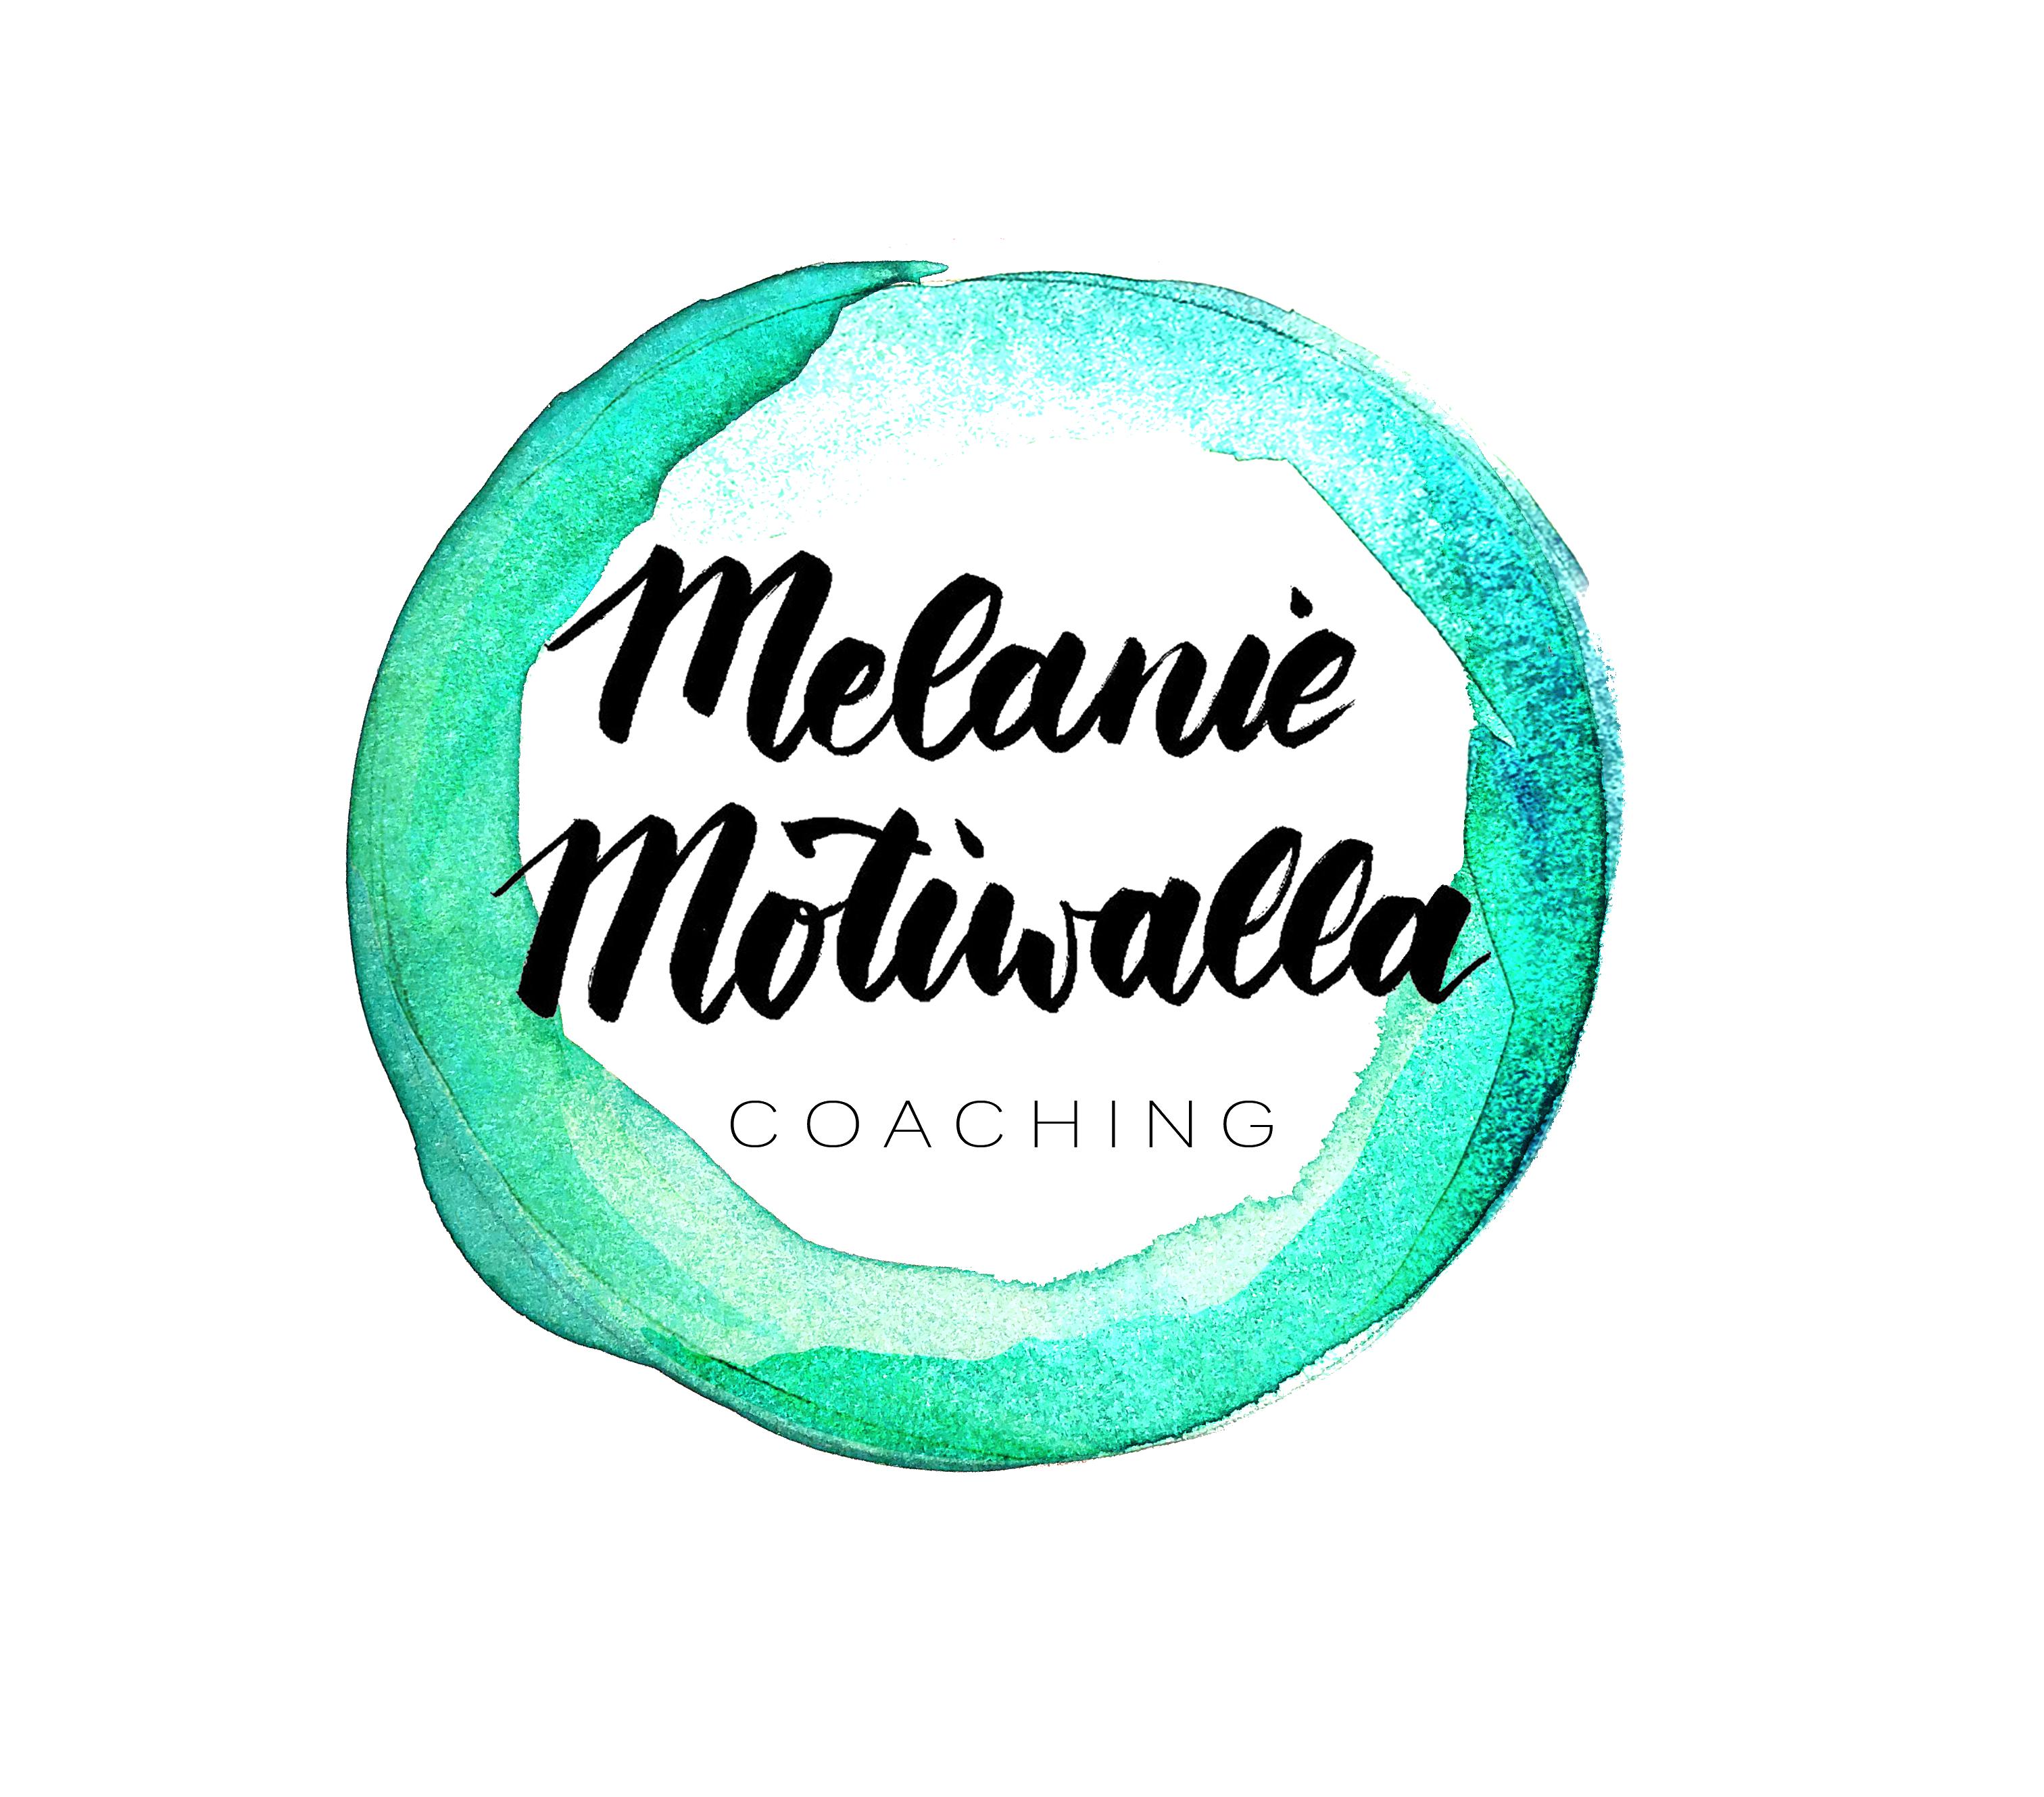 Melanie Motiwalla Coaching geht online … und VER|RÜCKT!